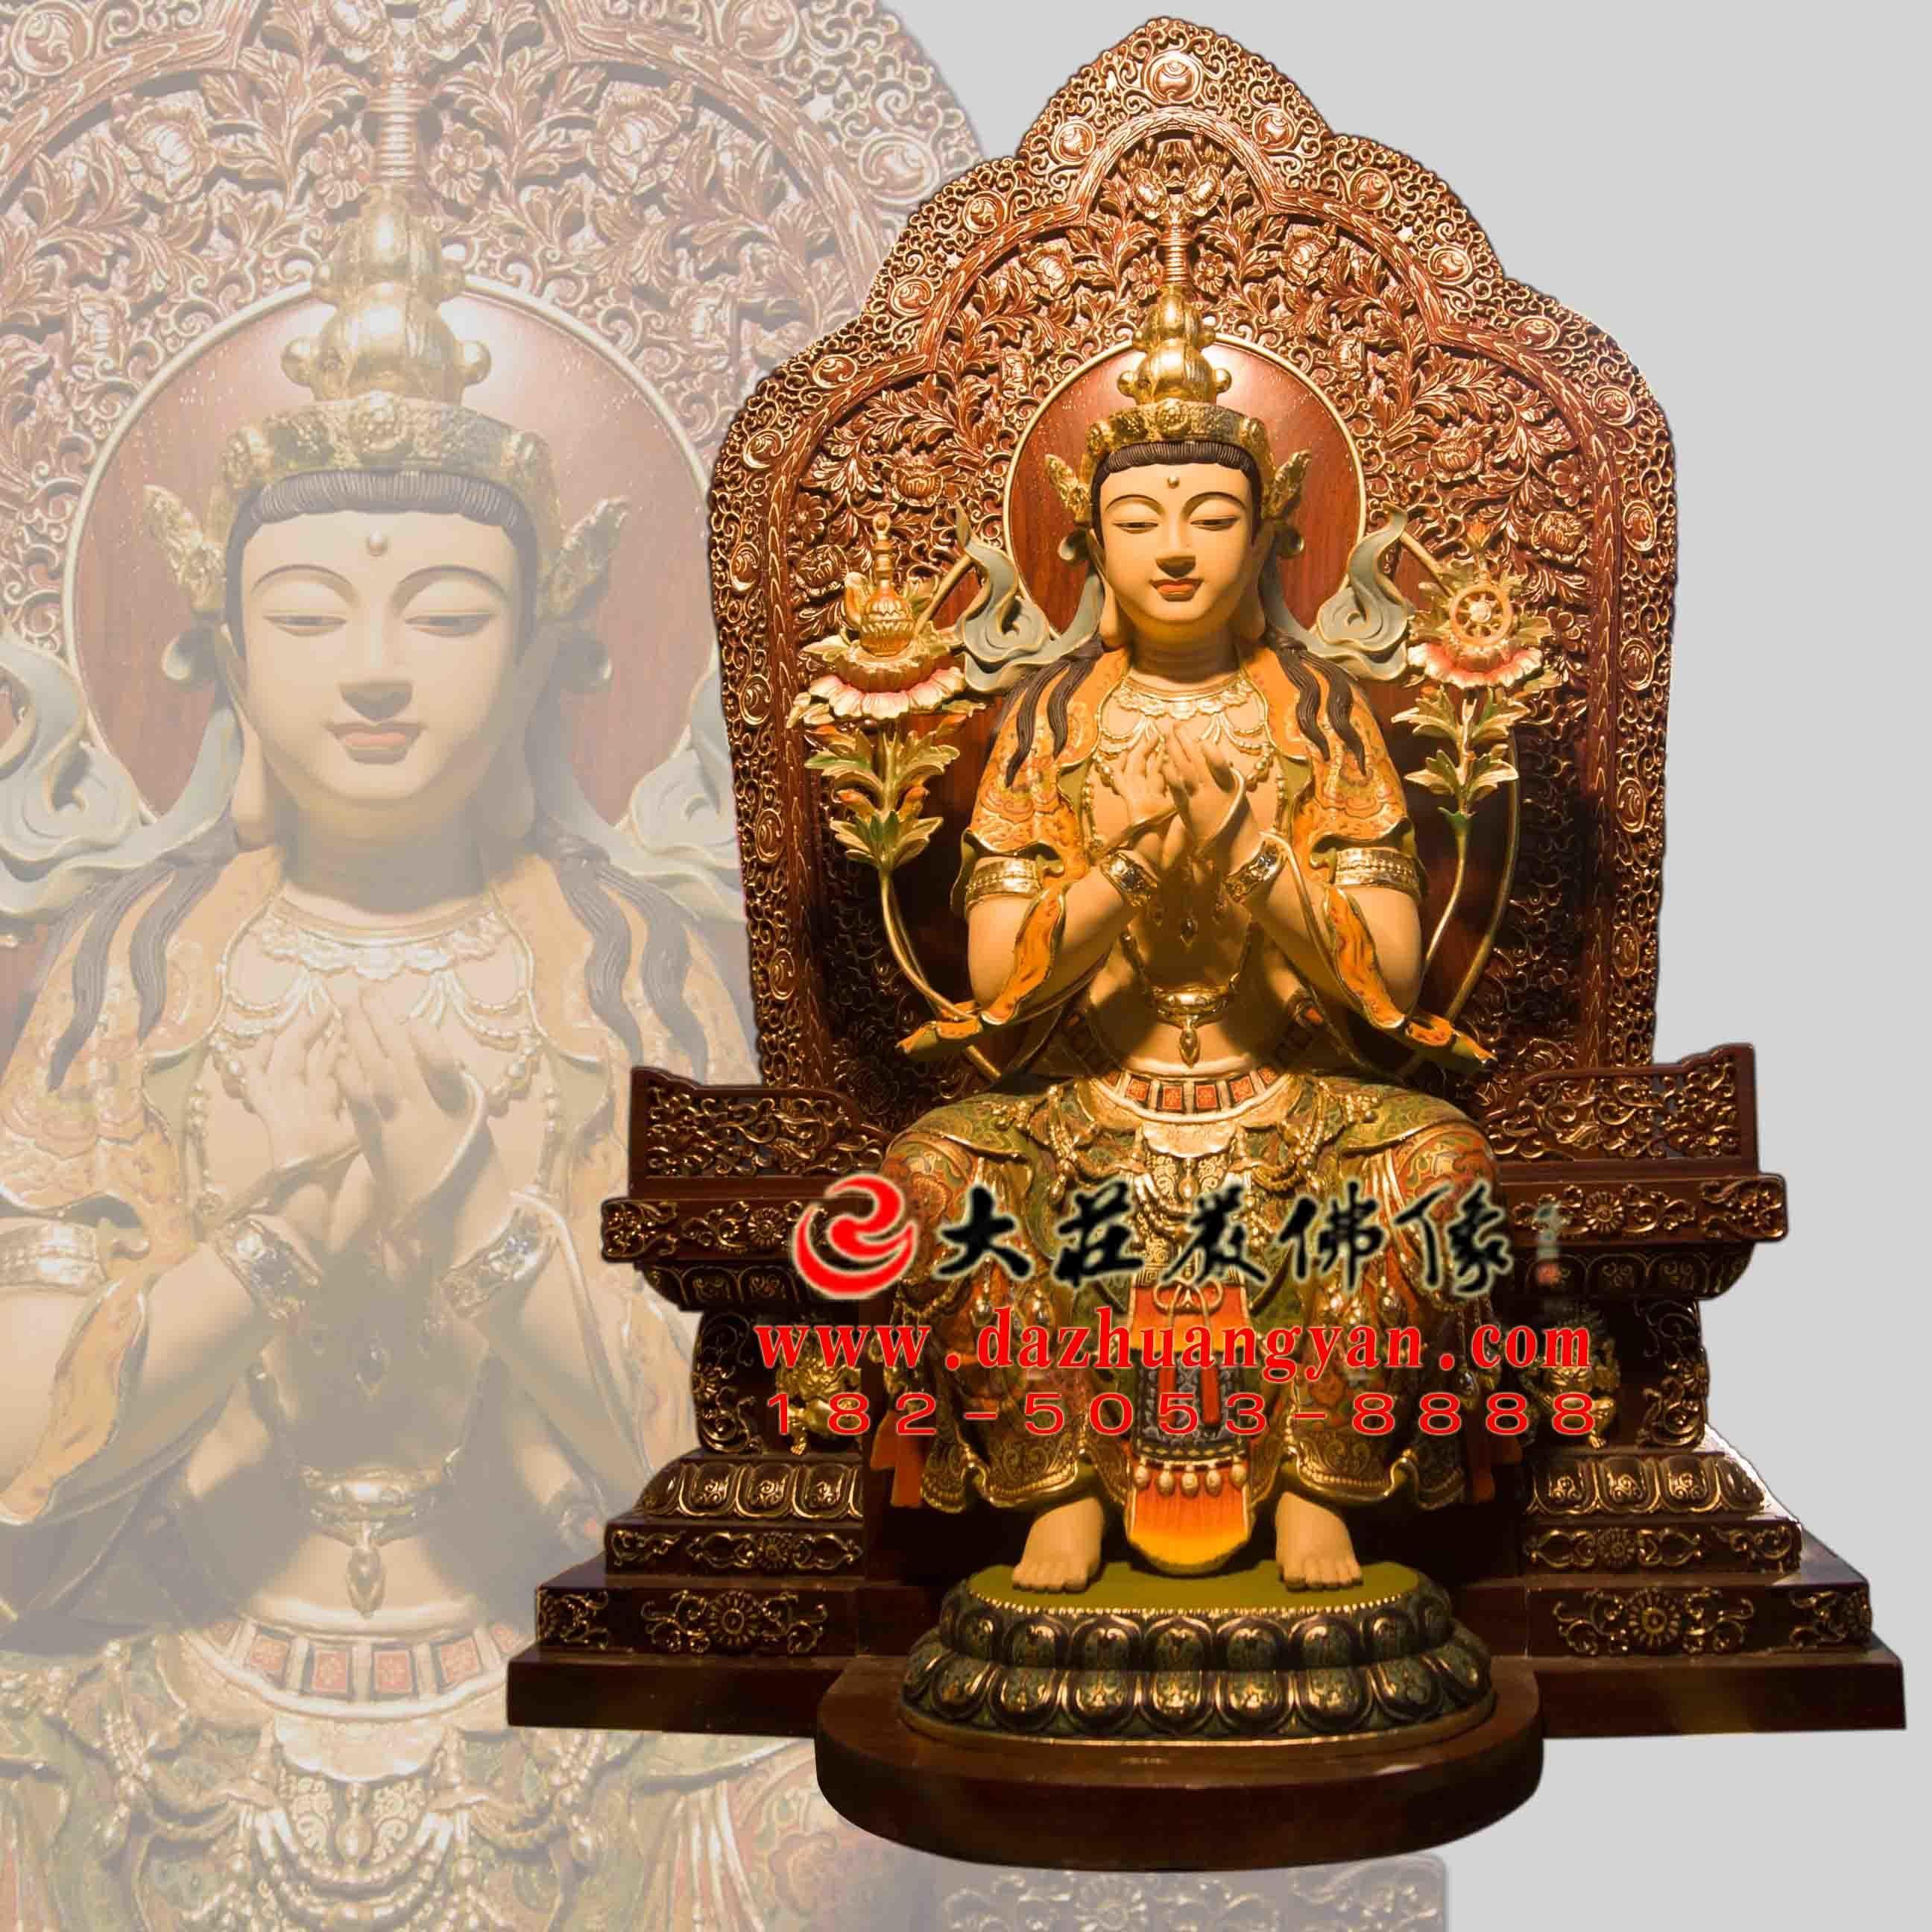 天宫弥勒铜雕彩绘佛像